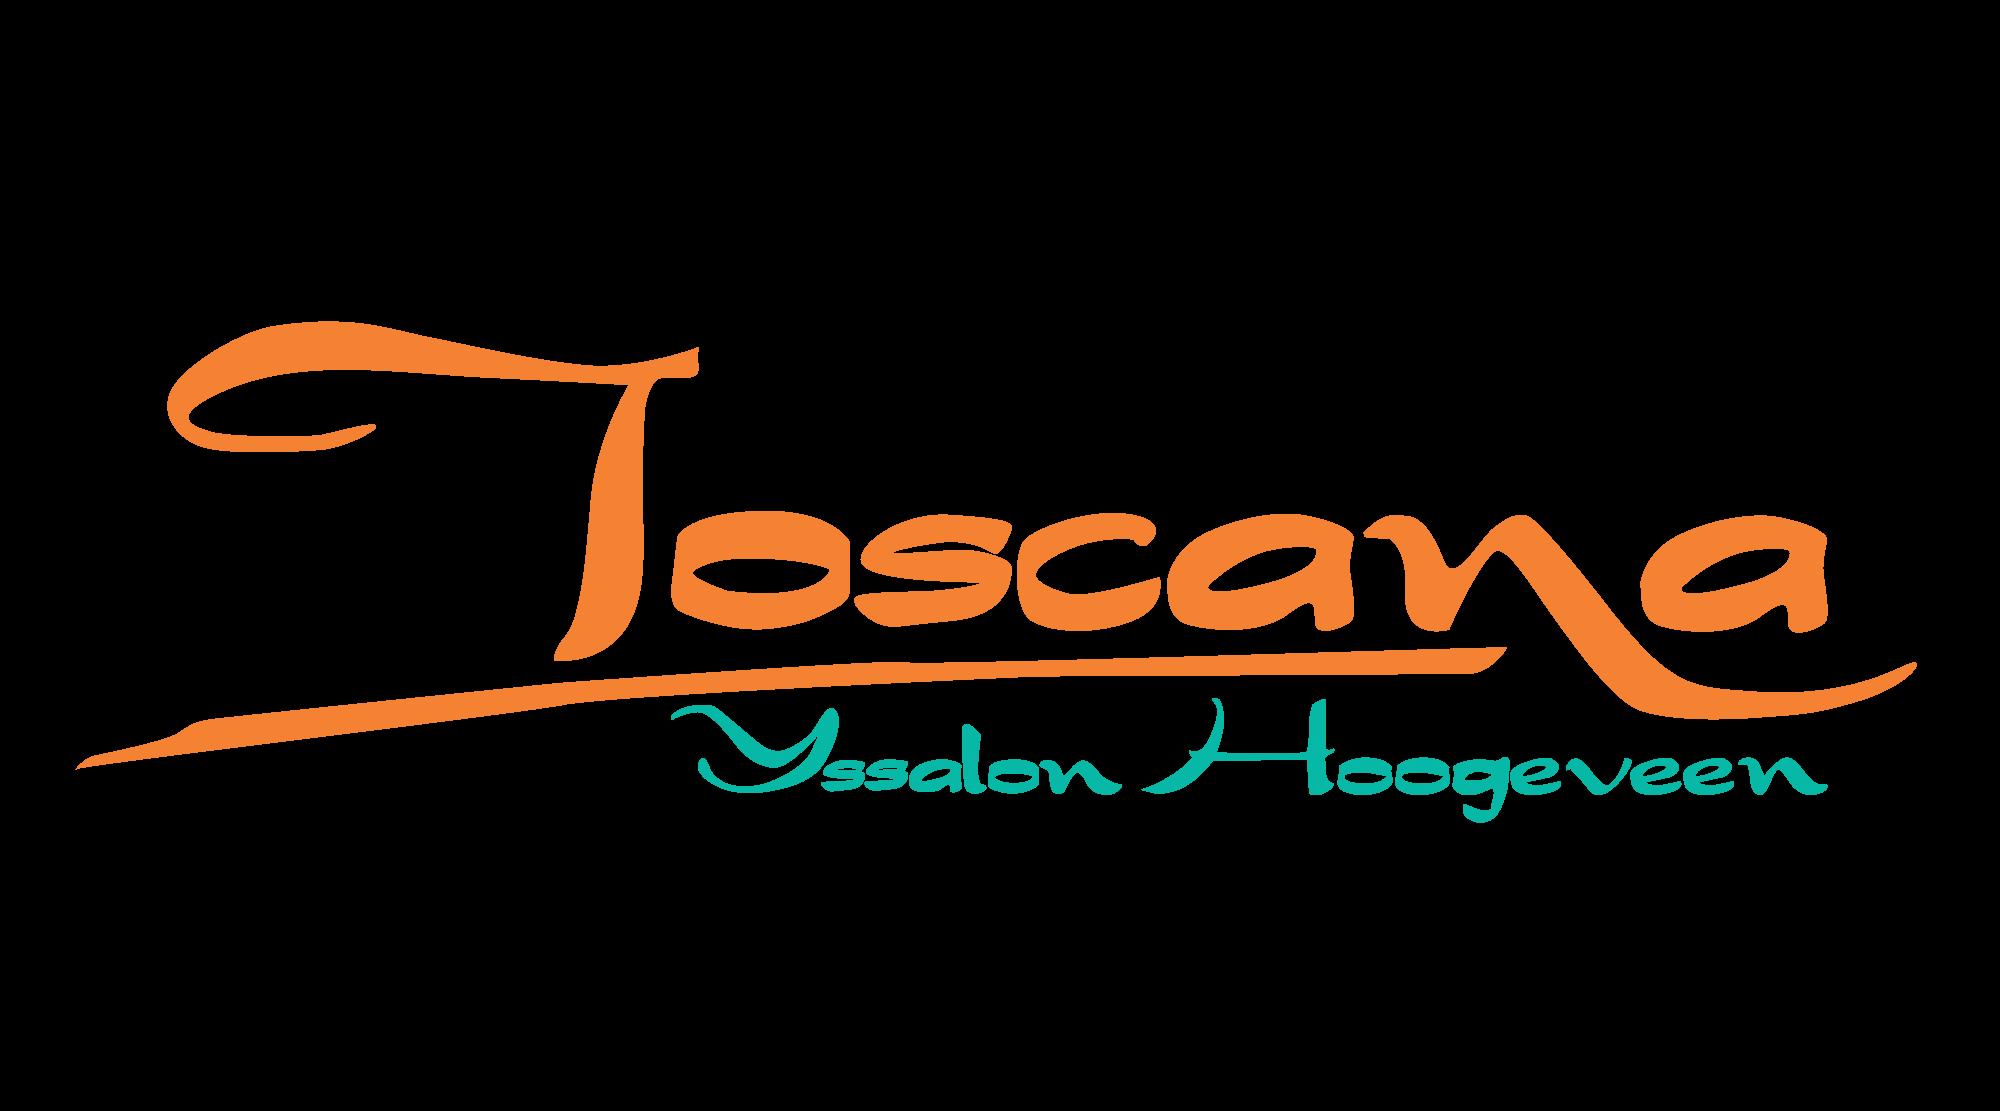 Toscana Ijssalon Hoogeveen